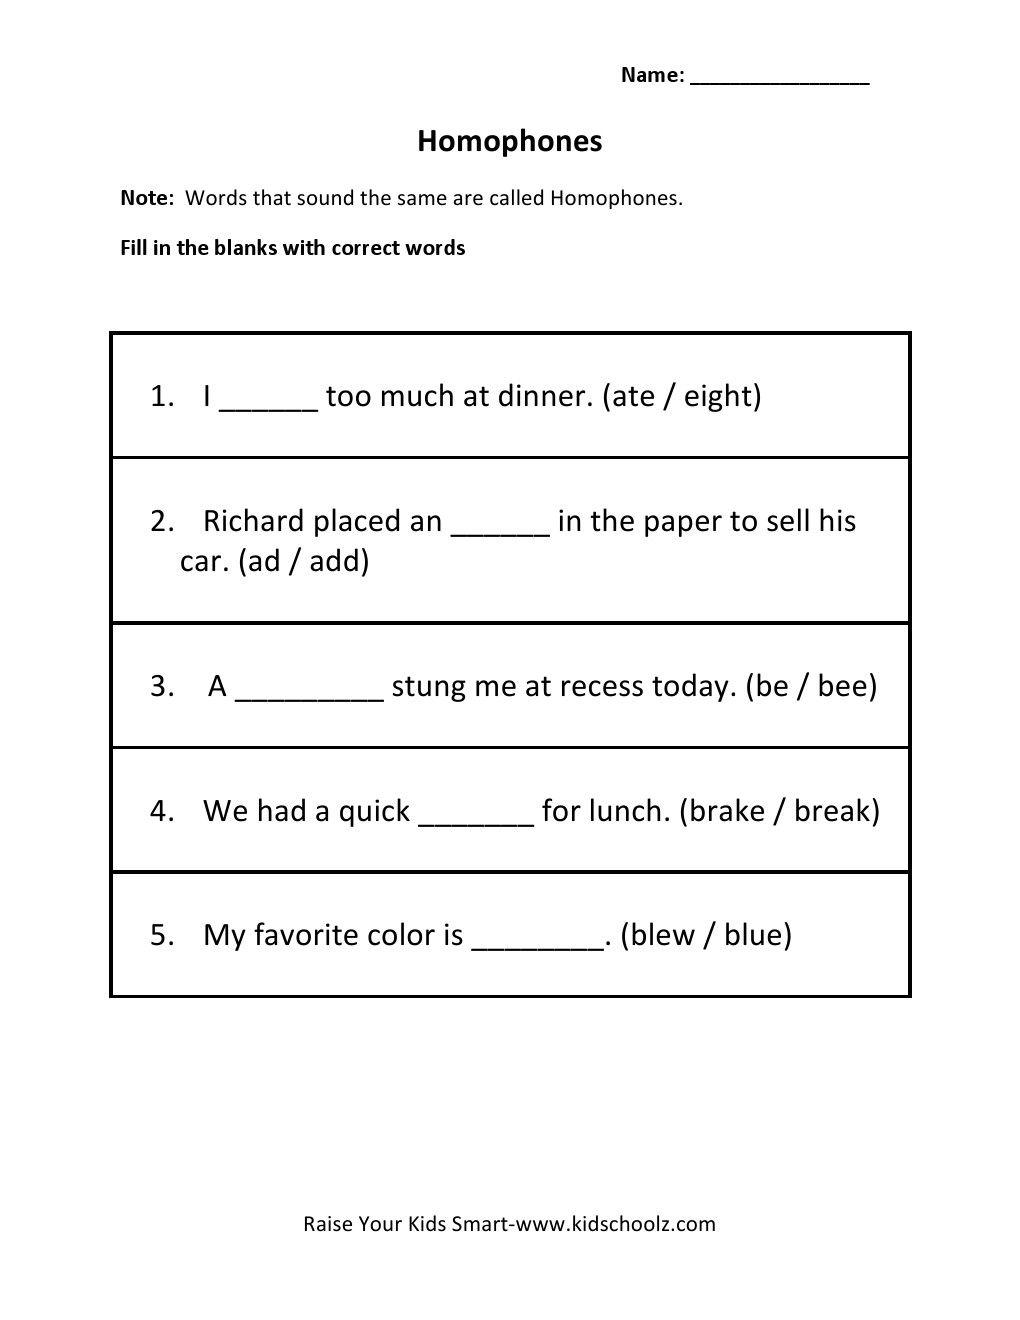 www.kidschoolz.com wp-content uploads 2014 09 homophones-1.jpg   2nd grade  worksheets [ 1320 x 1020 Pixel ]